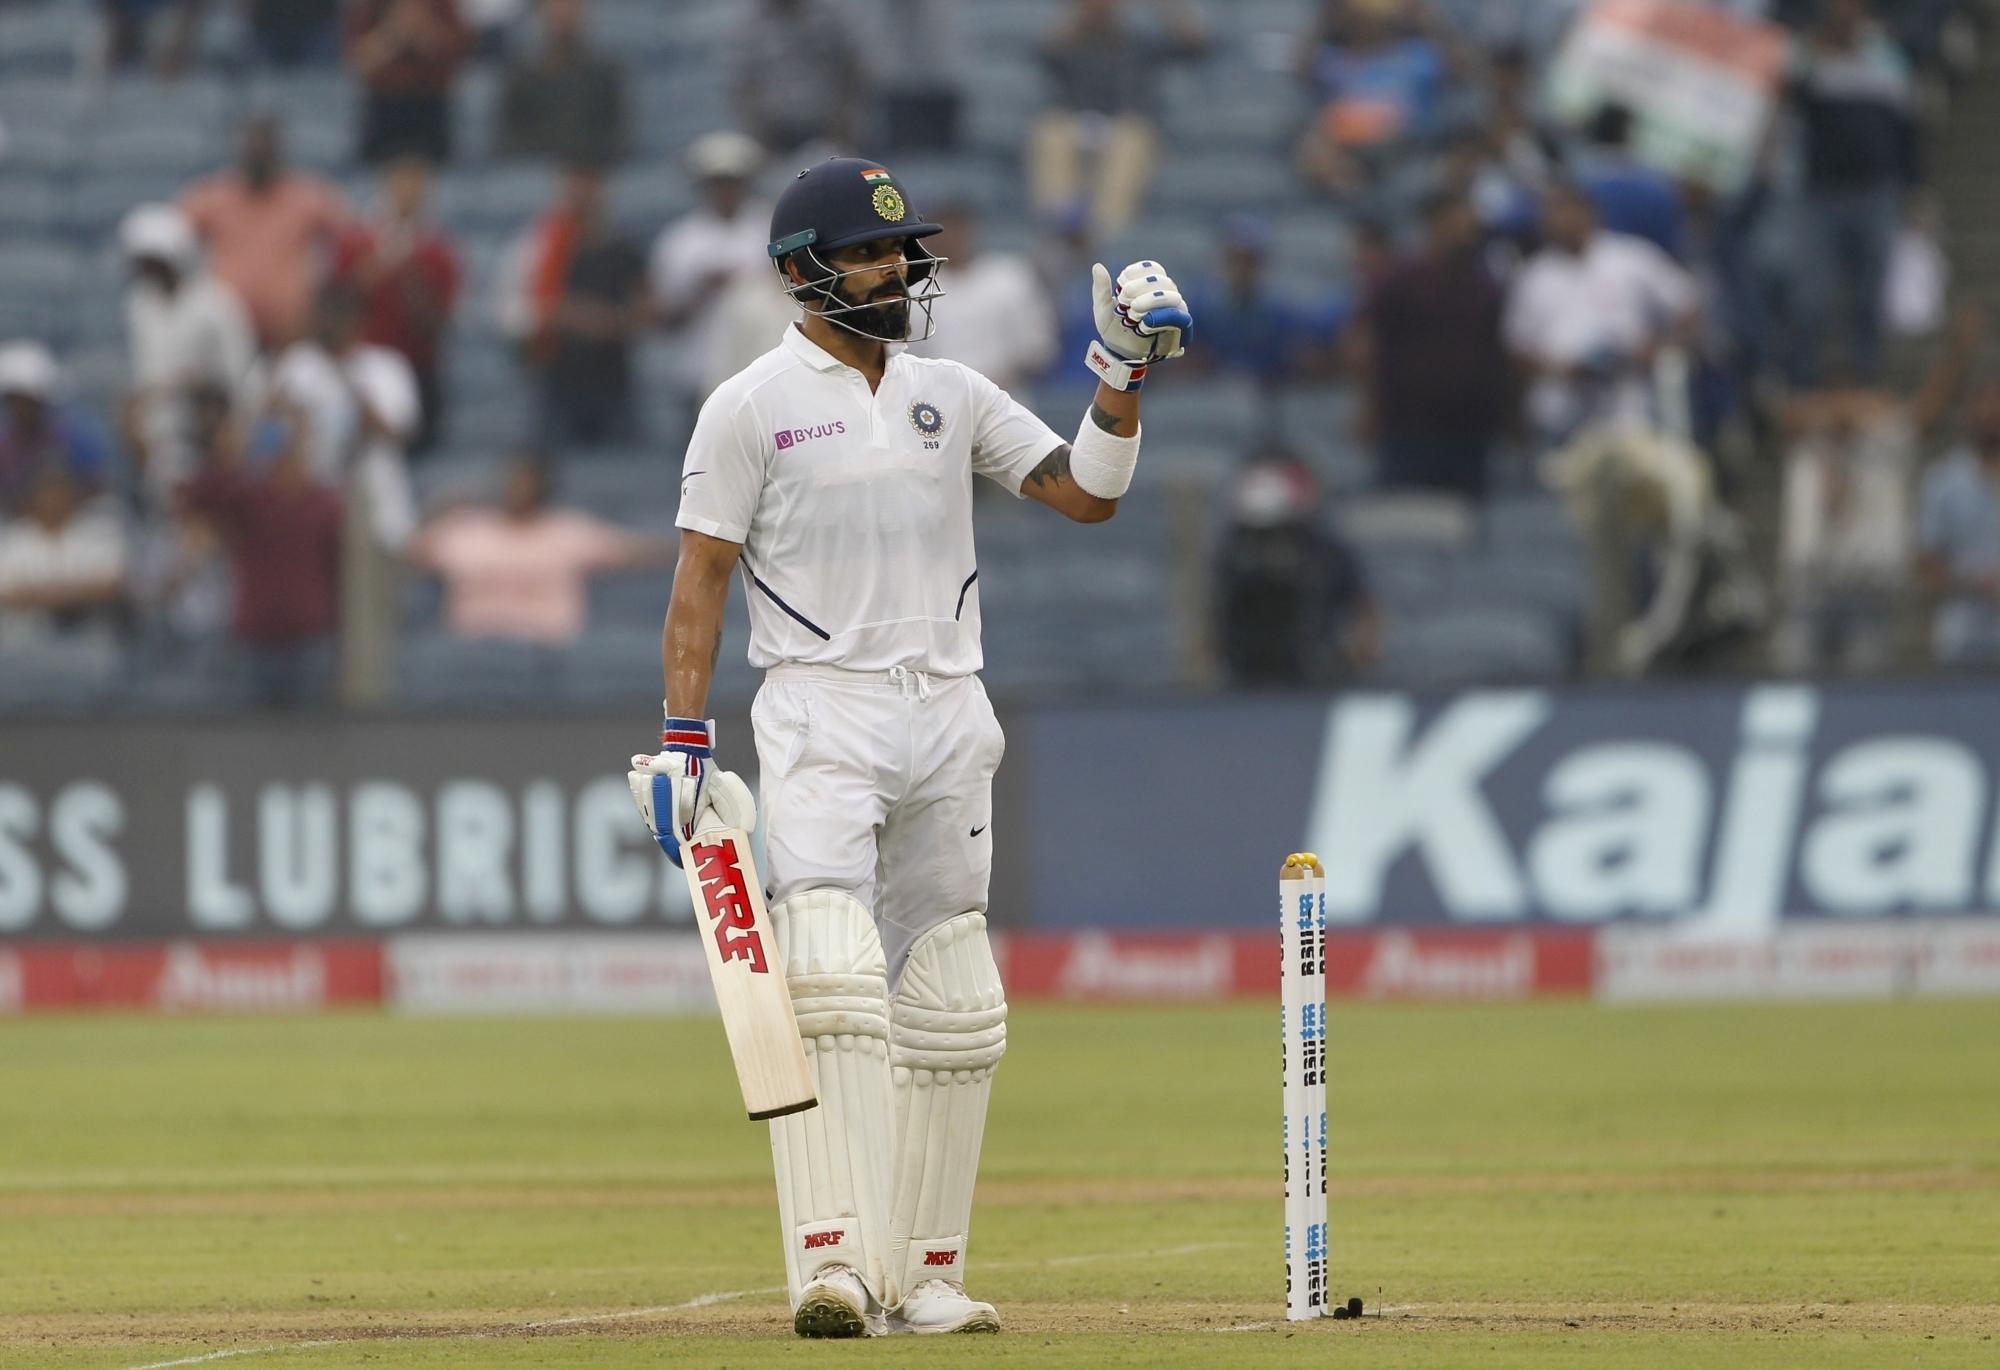 विराट कोहली 50 टेस्ट मैचों में कप्तानी करने वाले दूसरे भारतीय बने